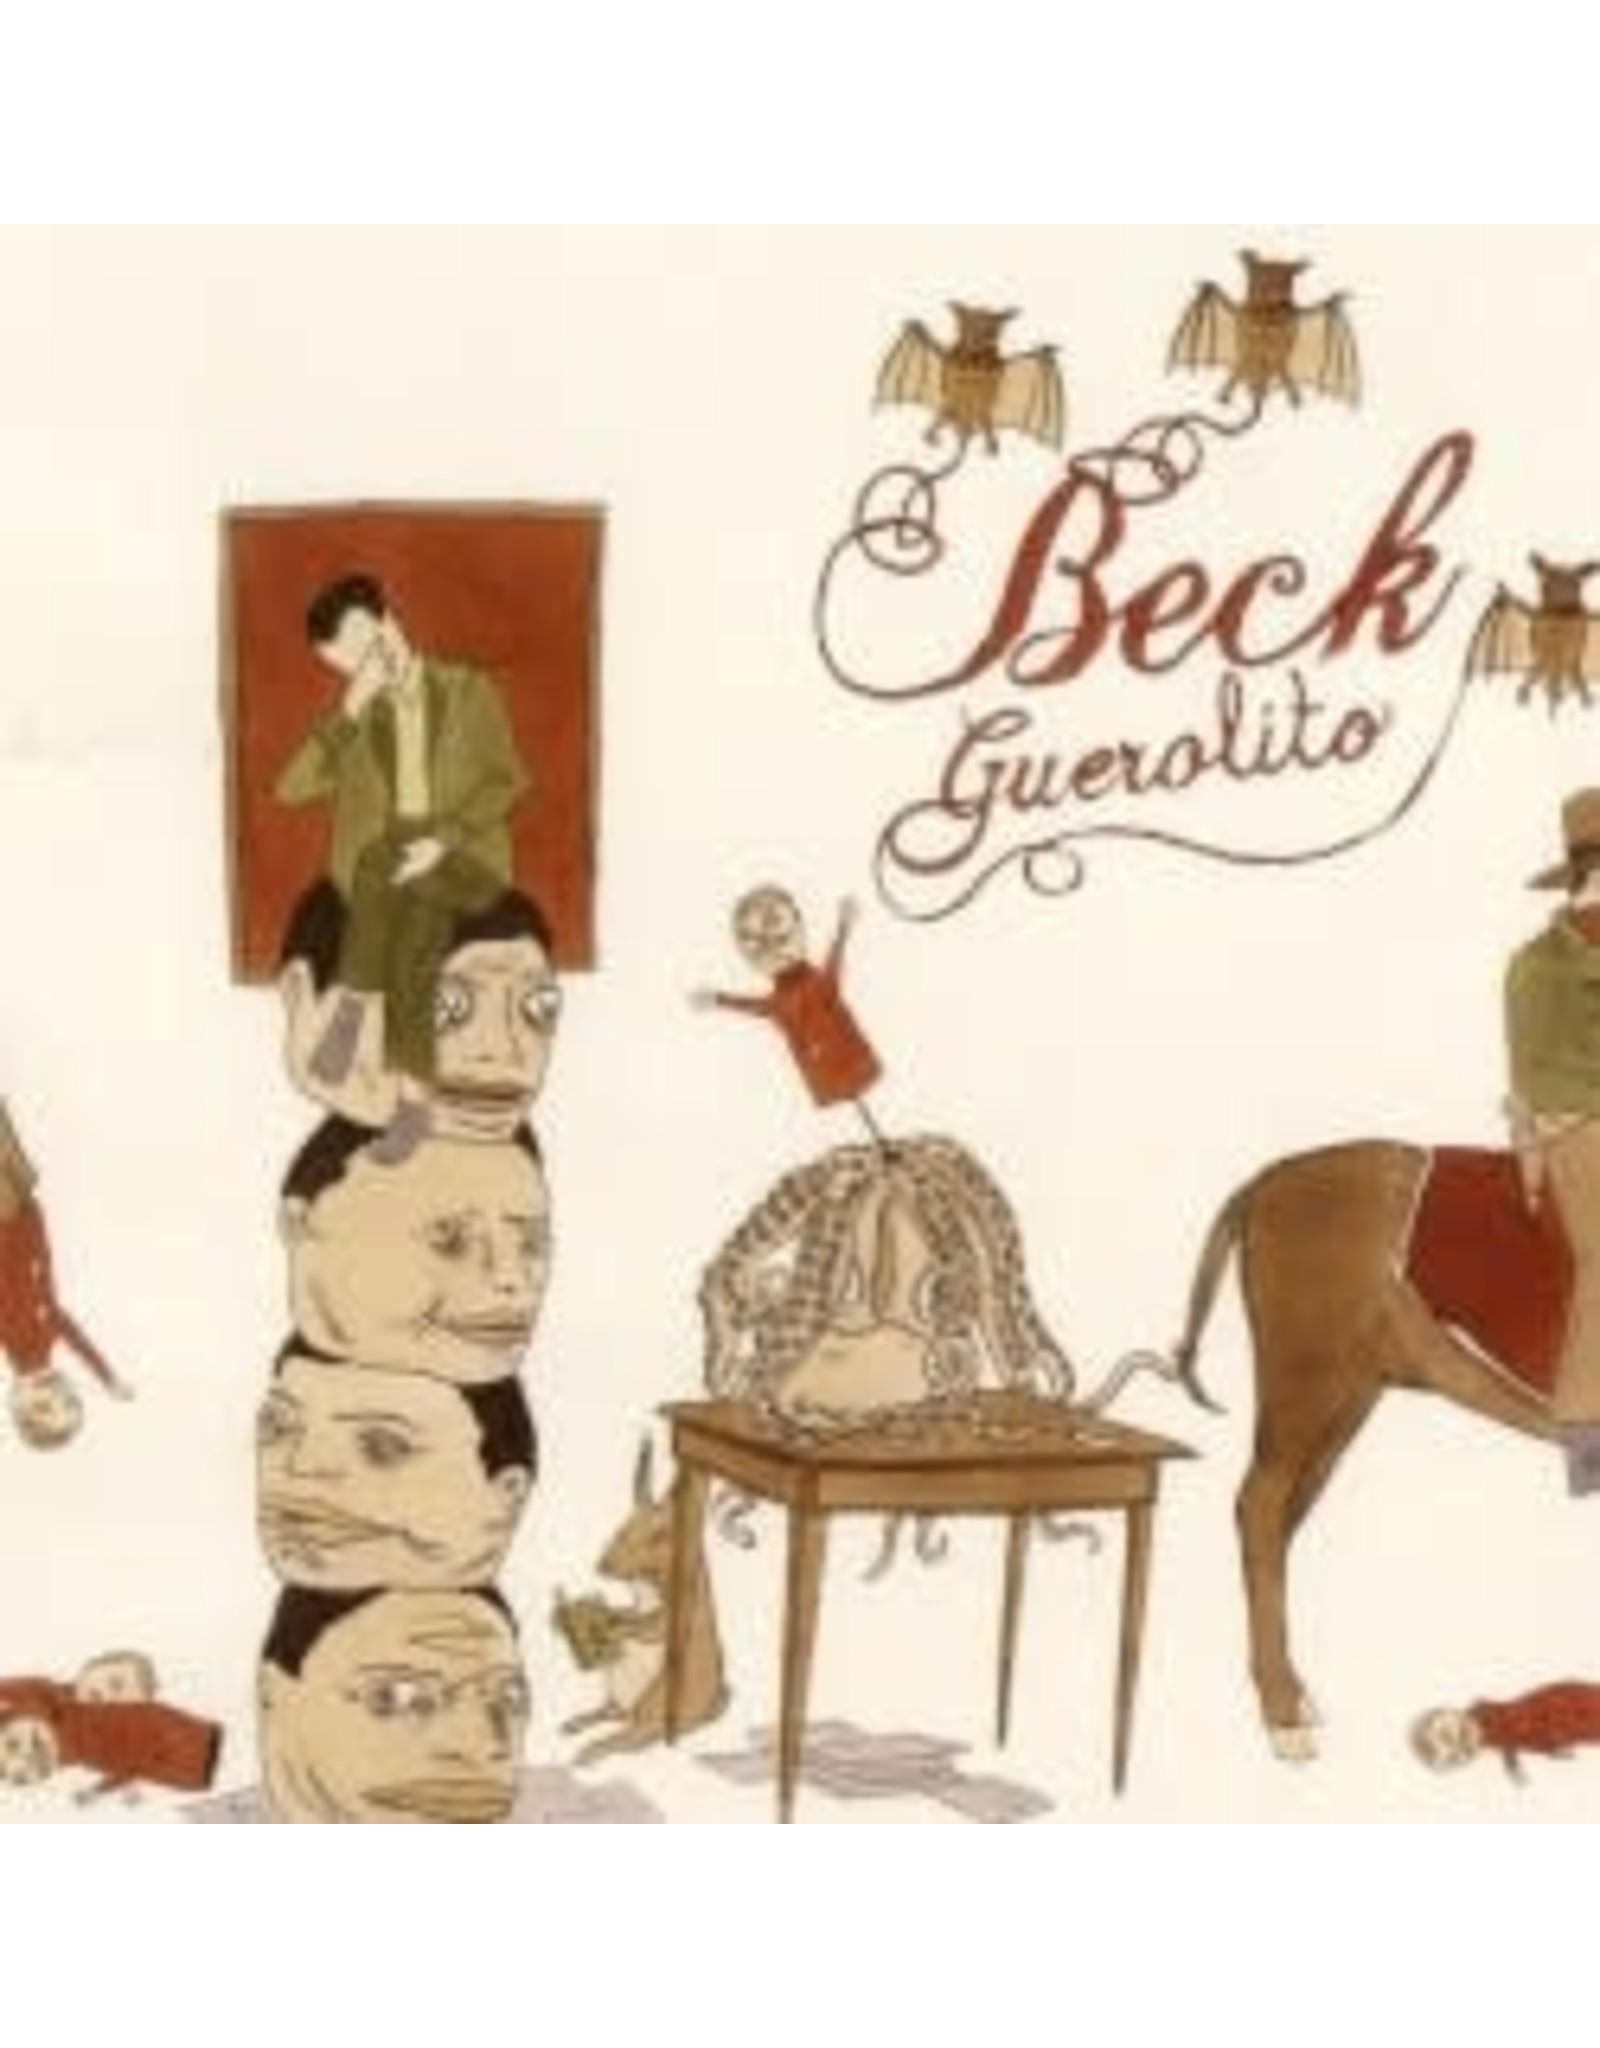 Beck - Guerolito 2LP